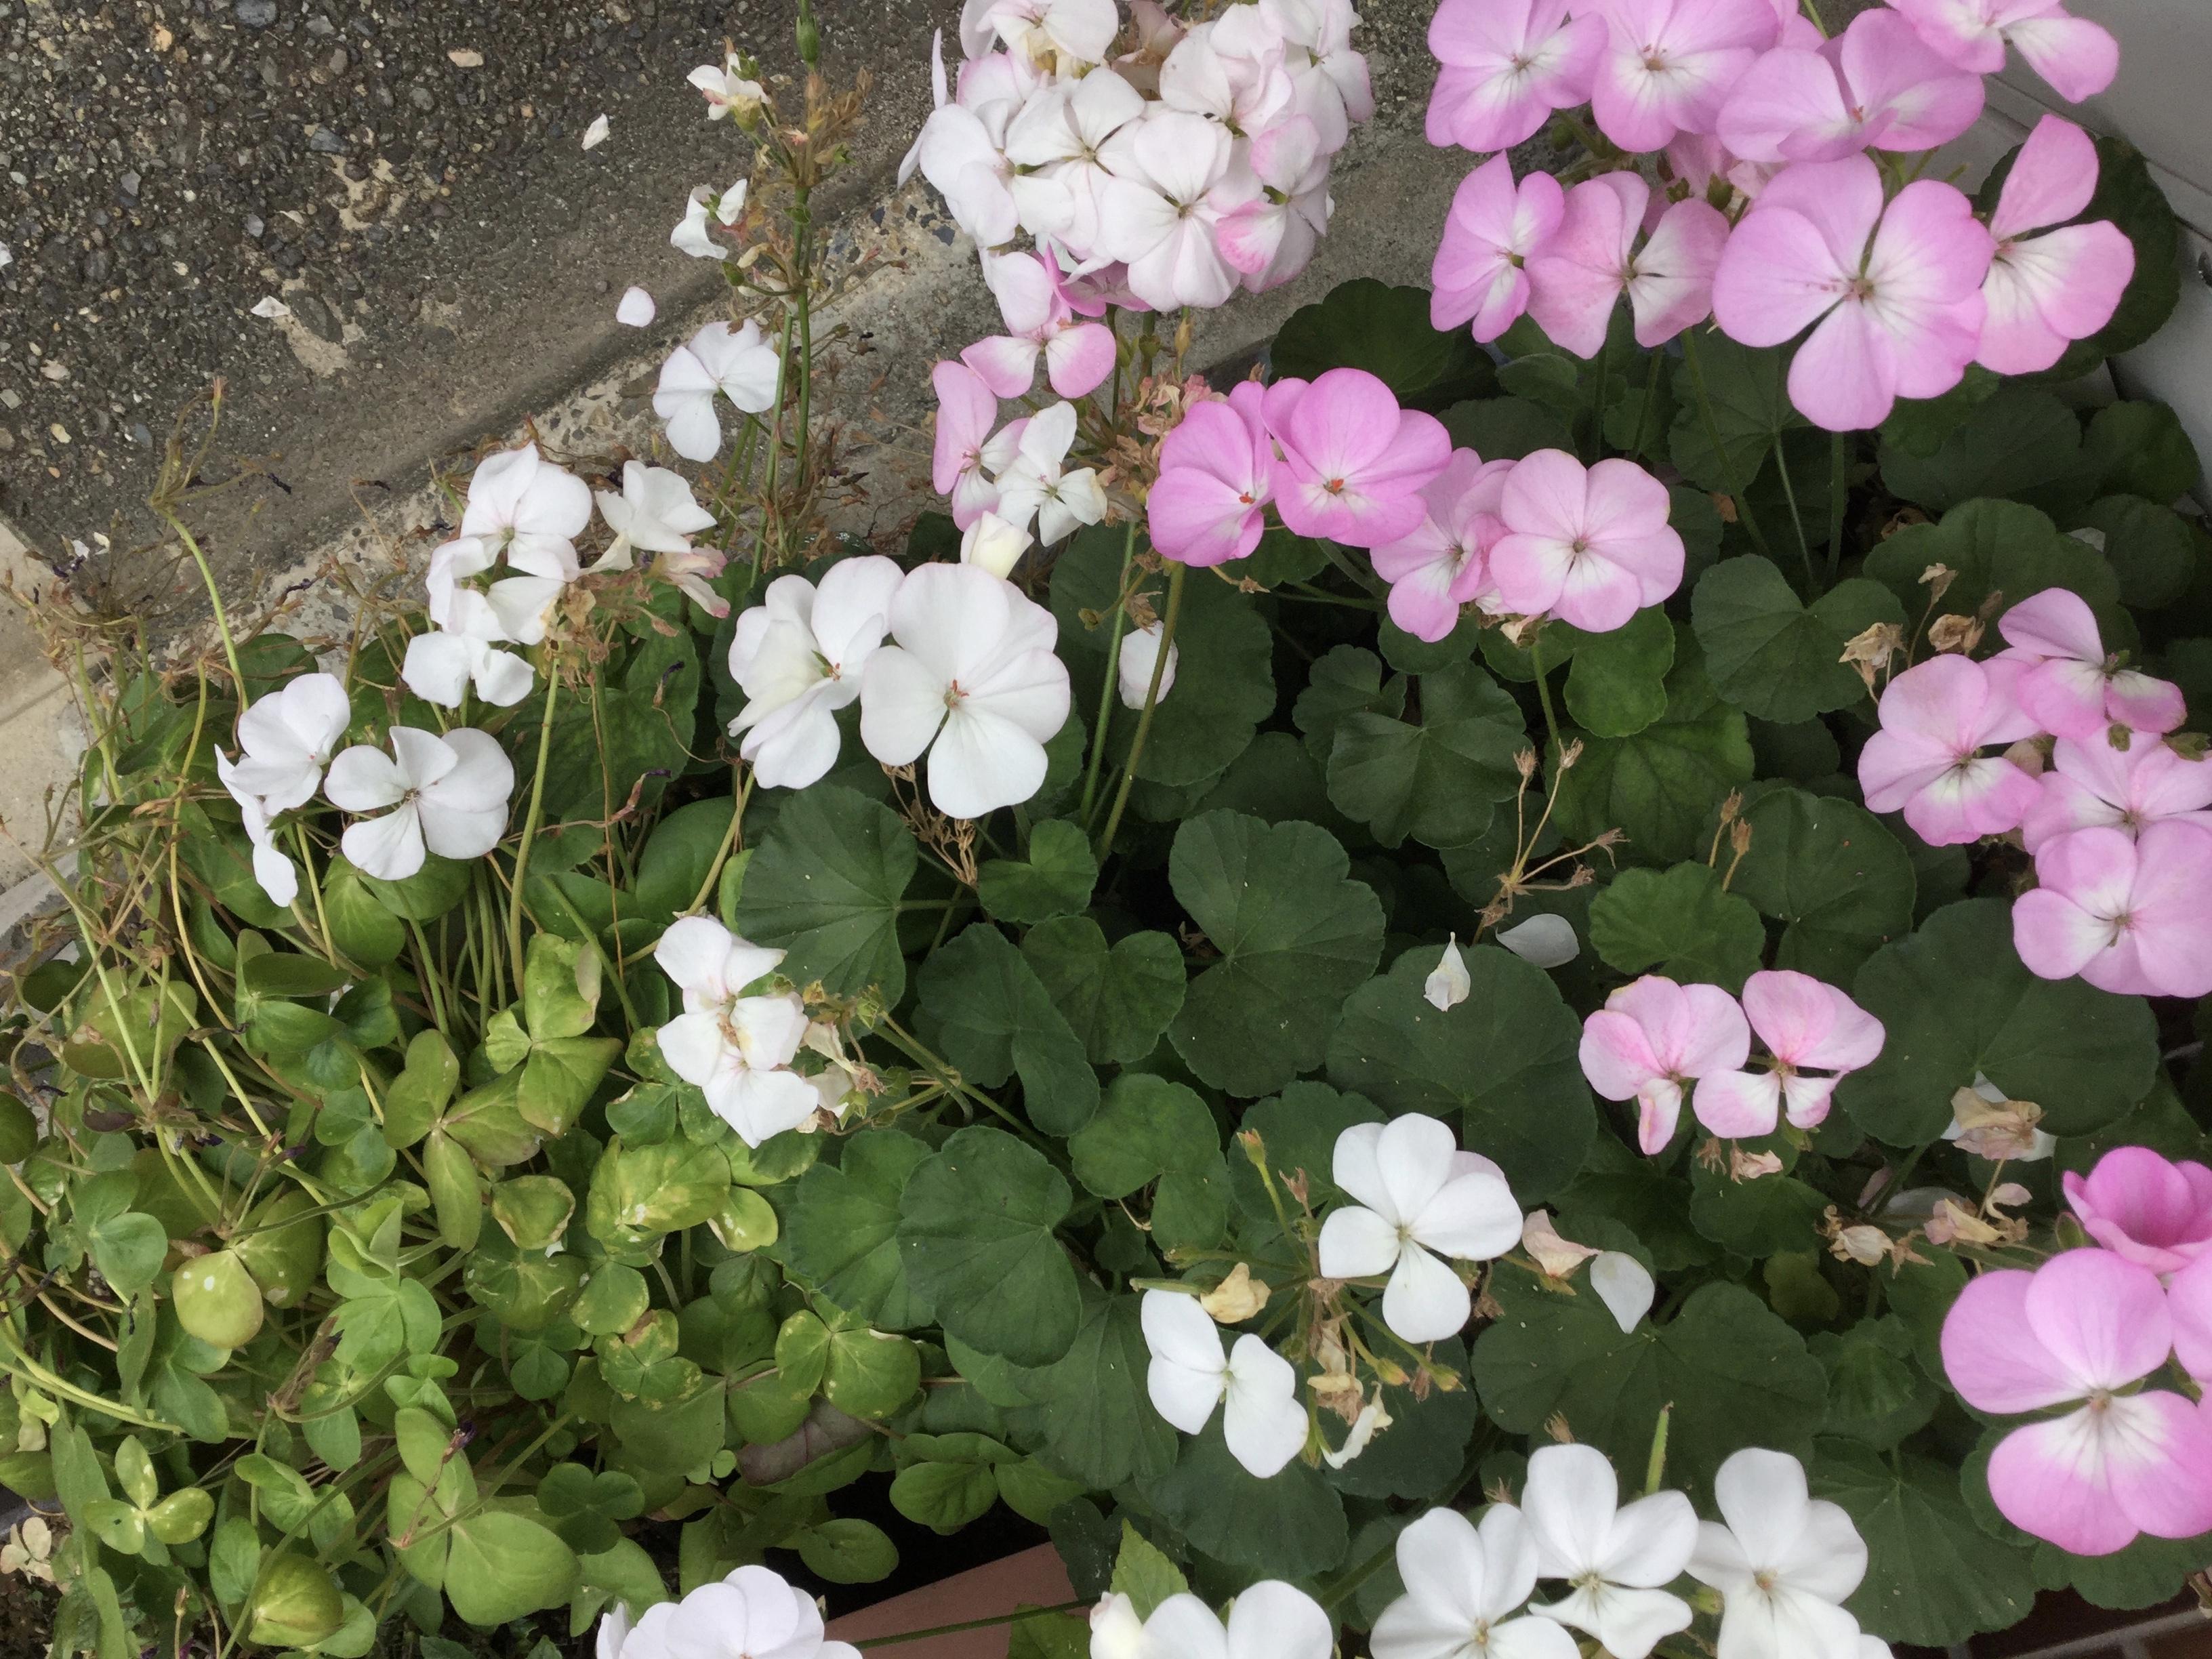 ピンクと白の花の写真です。